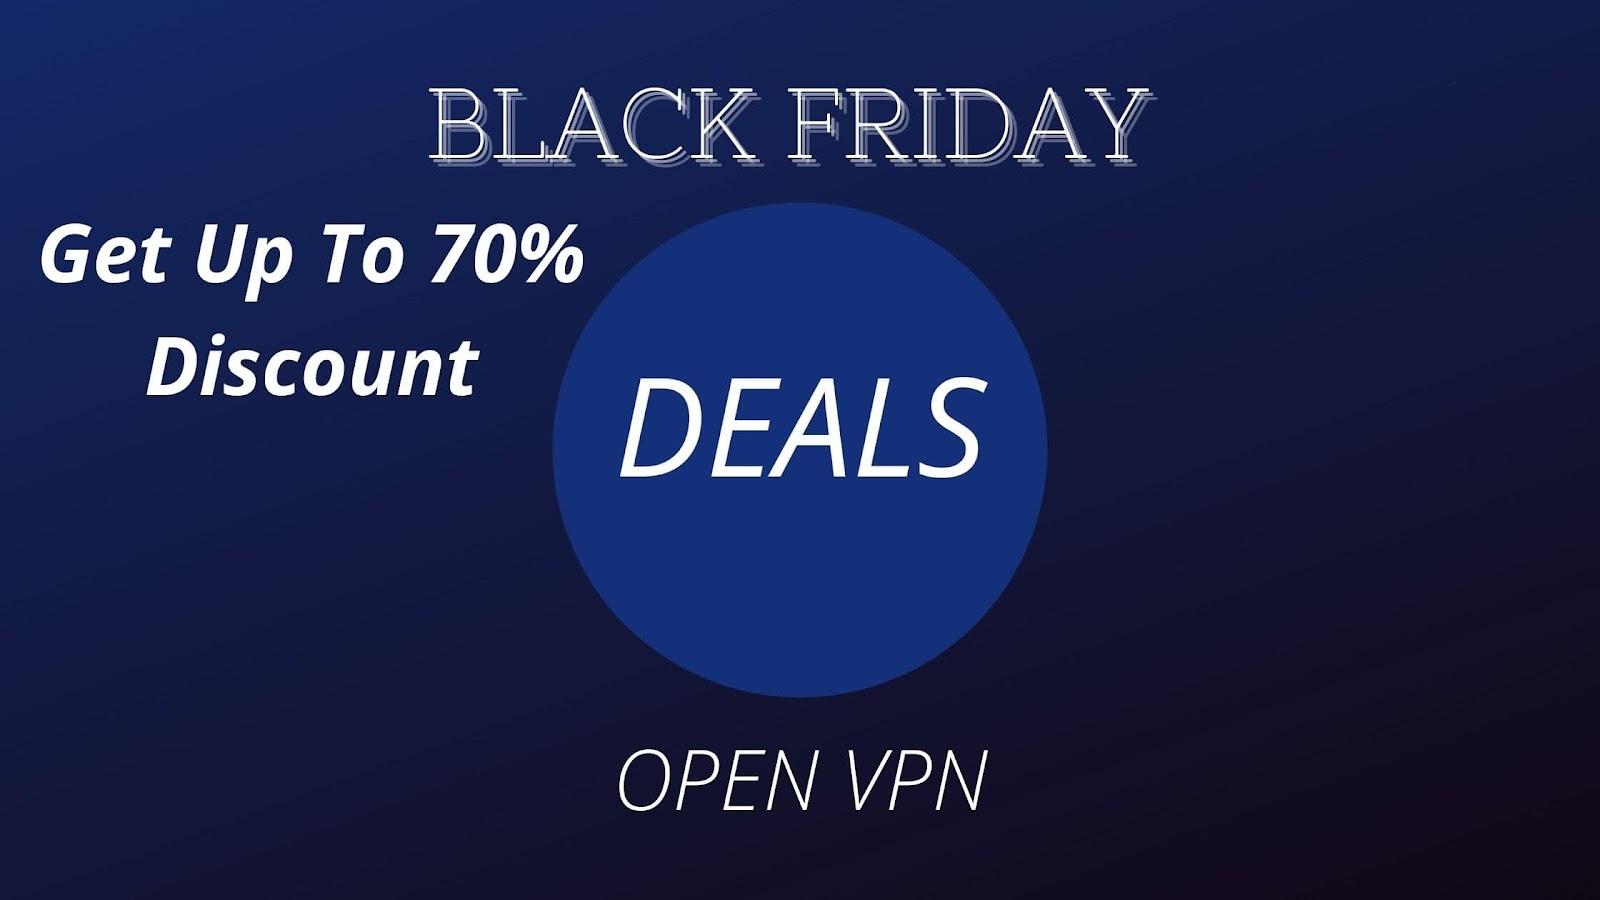 Open VPN – Get Up To 70% Off